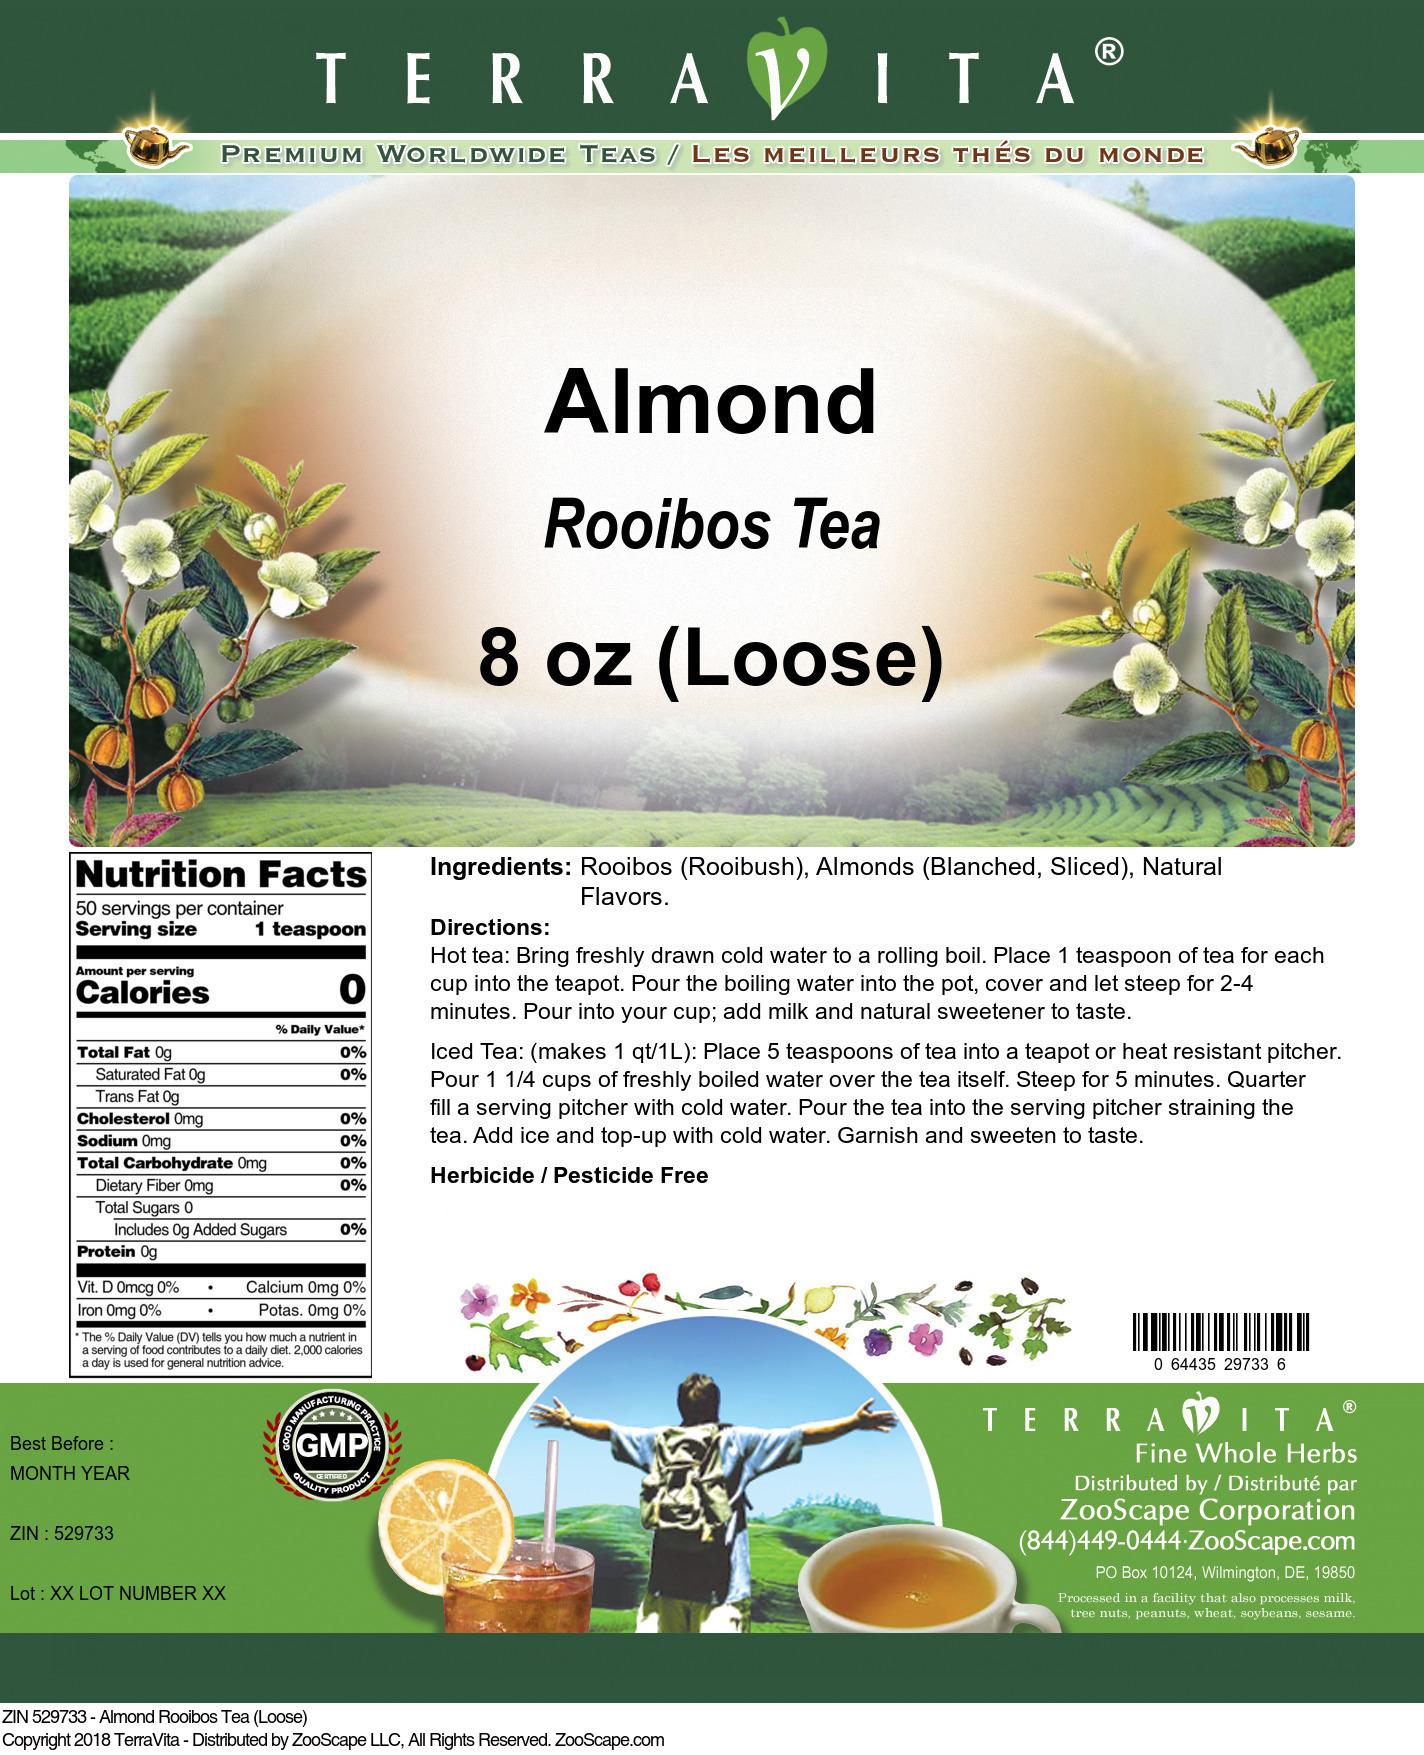 Almond Rooibos Tea (Loose)